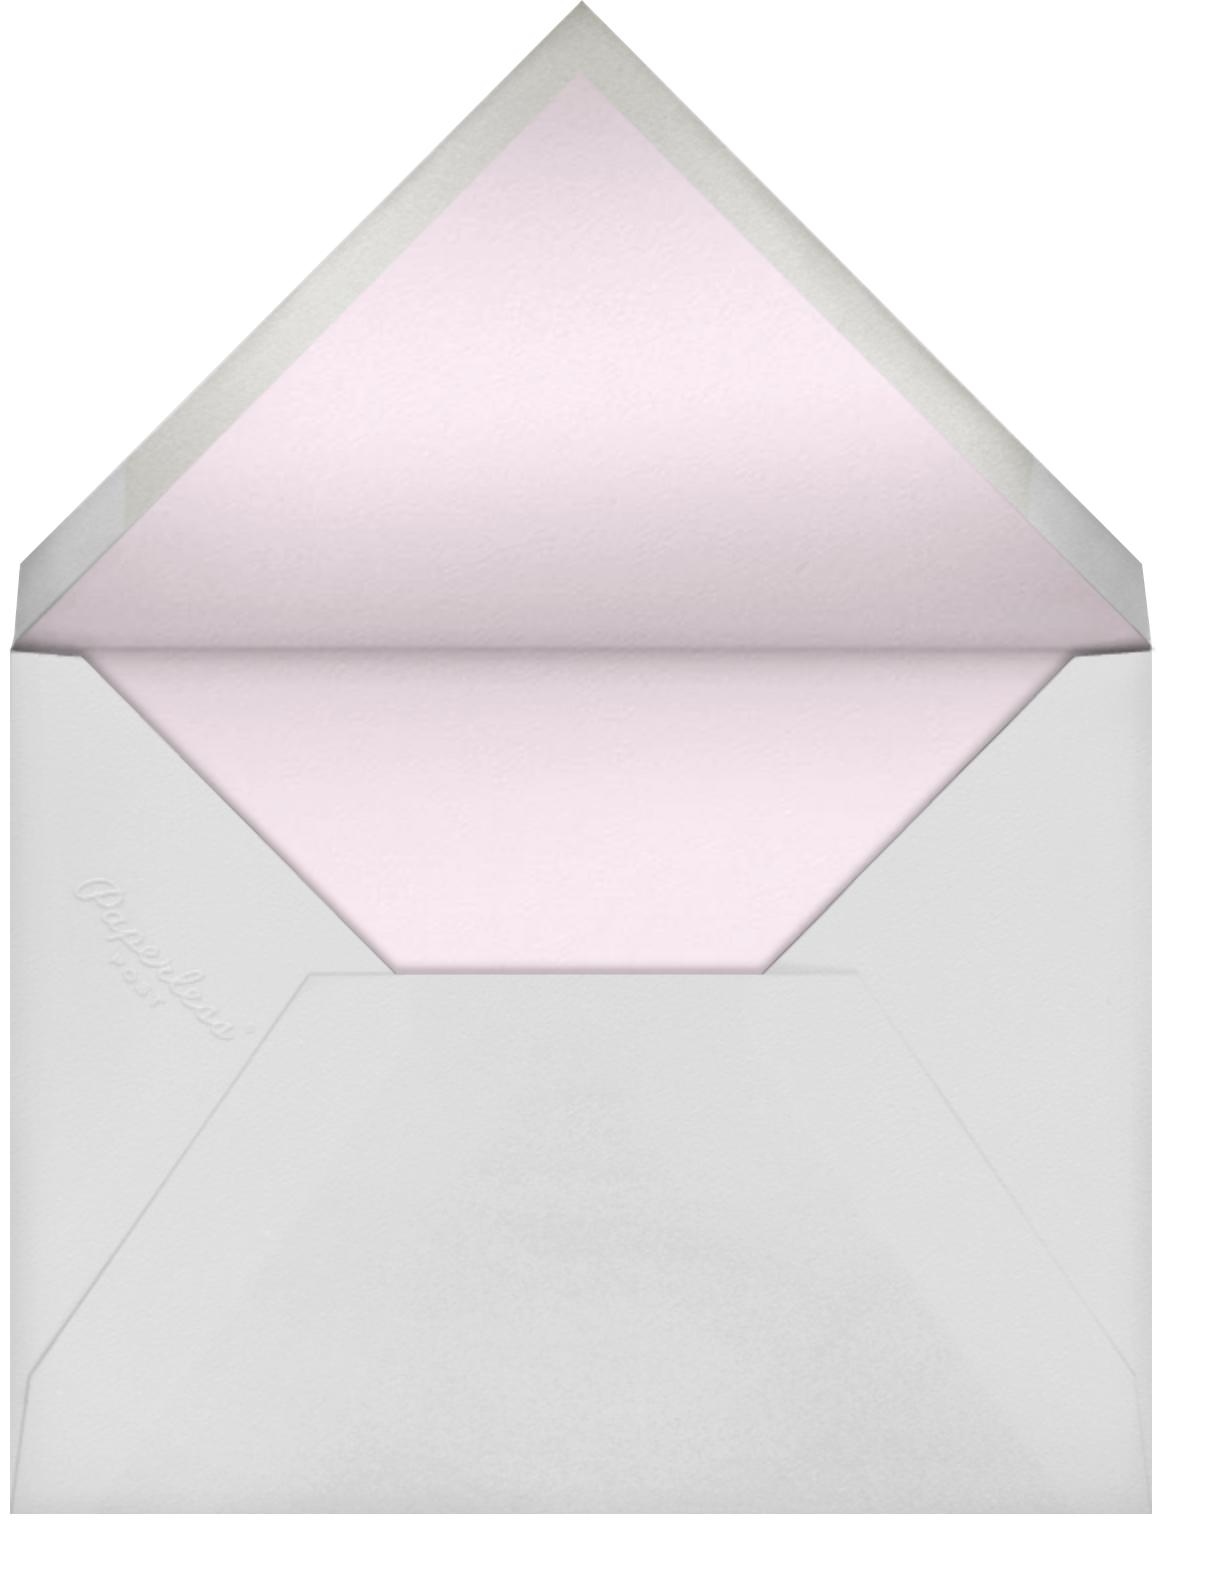 Merry Cherries - kate spade new york - Envelope